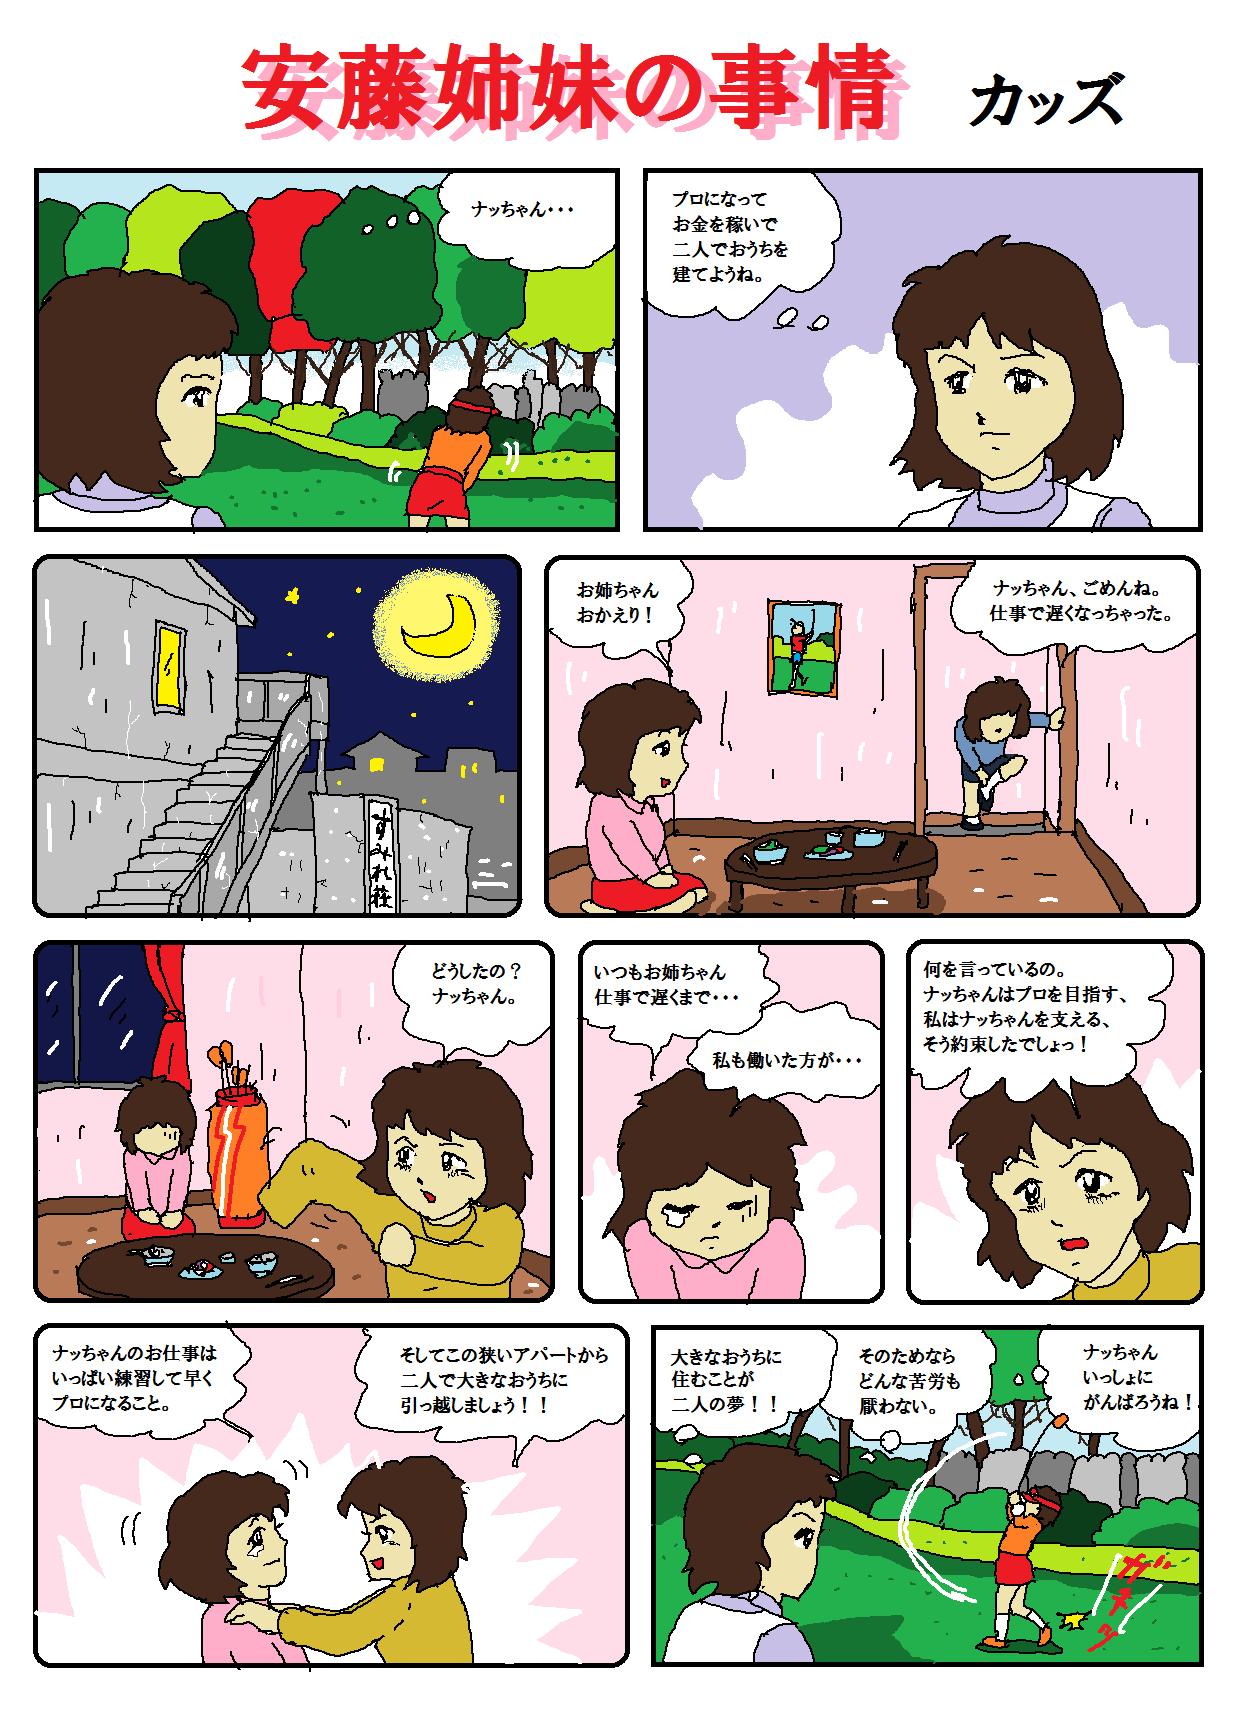 安藤姉妹の事情